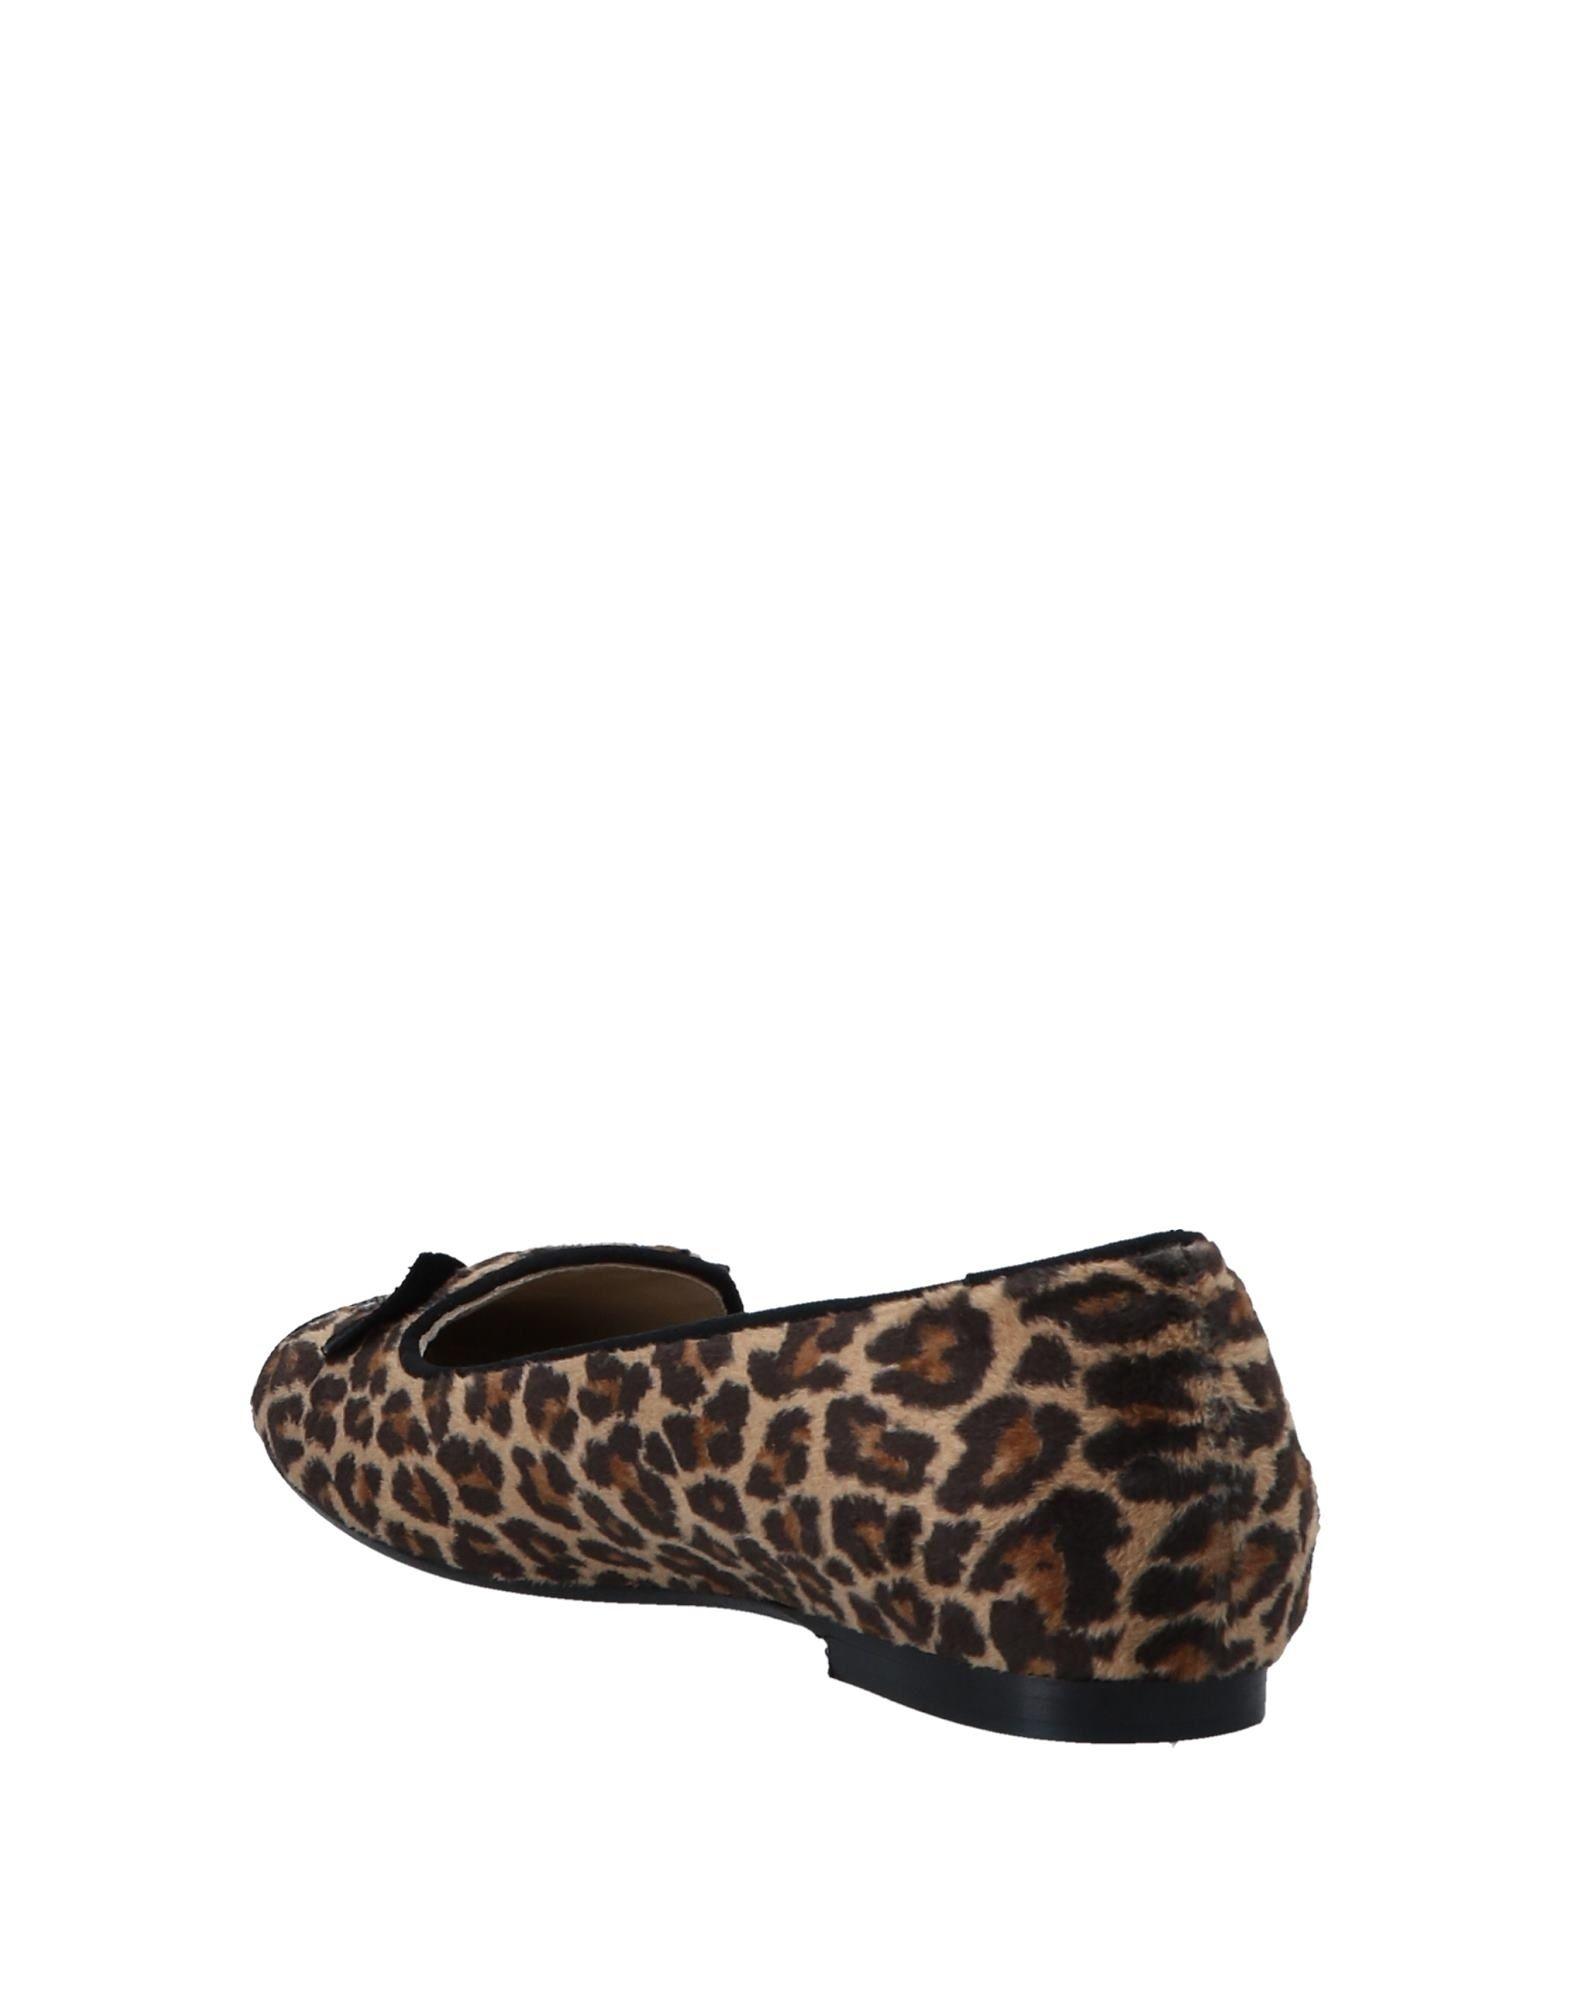 Rabatt Schuhe Chiara Ferragni Mokassins 11554268SN Damen  11554268SN Mokassins 9dca5e